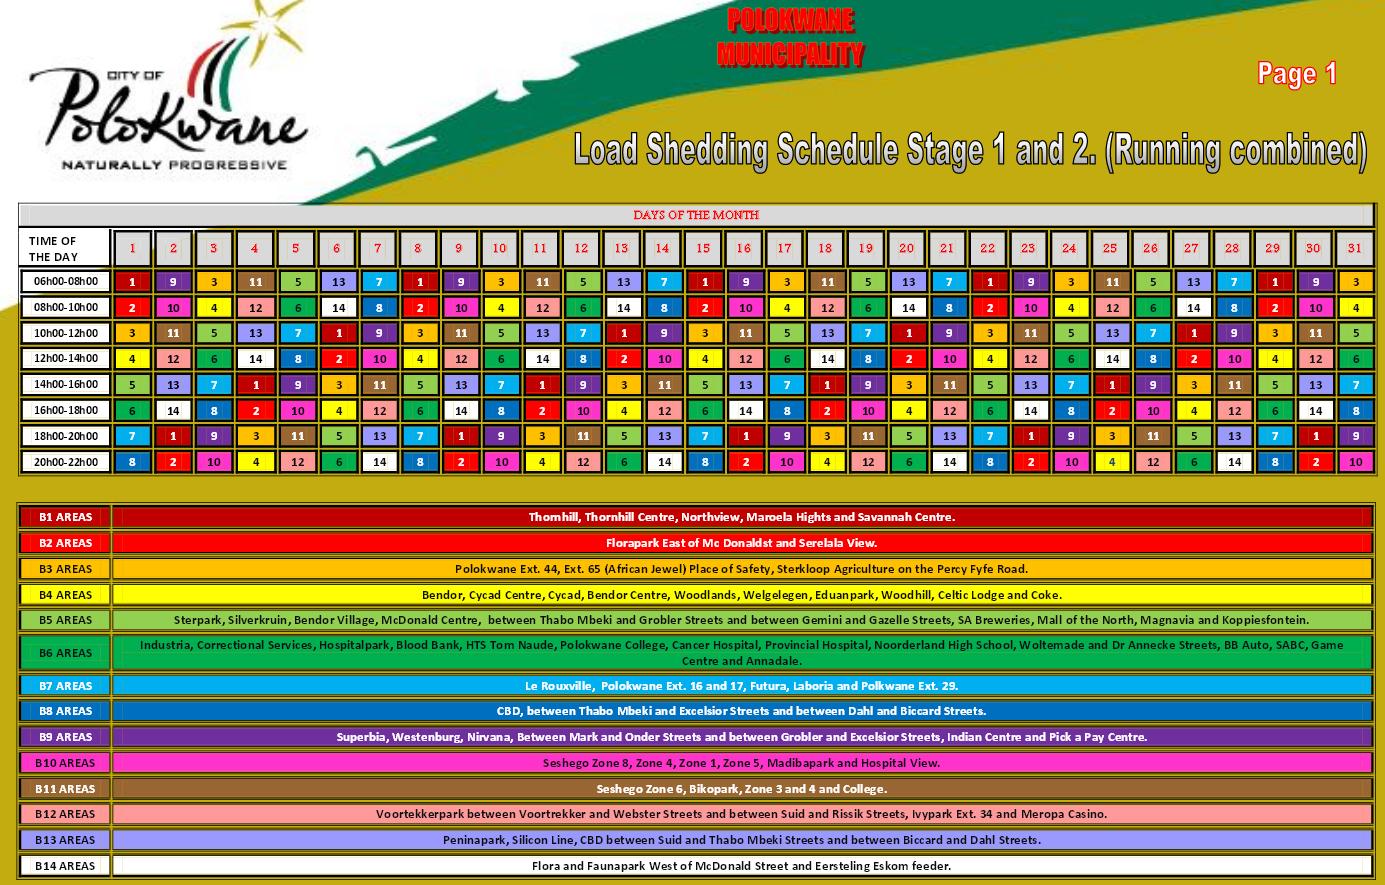 Eskom Loadshedding Pinterest: Eskom Load Shedding Stage 1 From 11:00